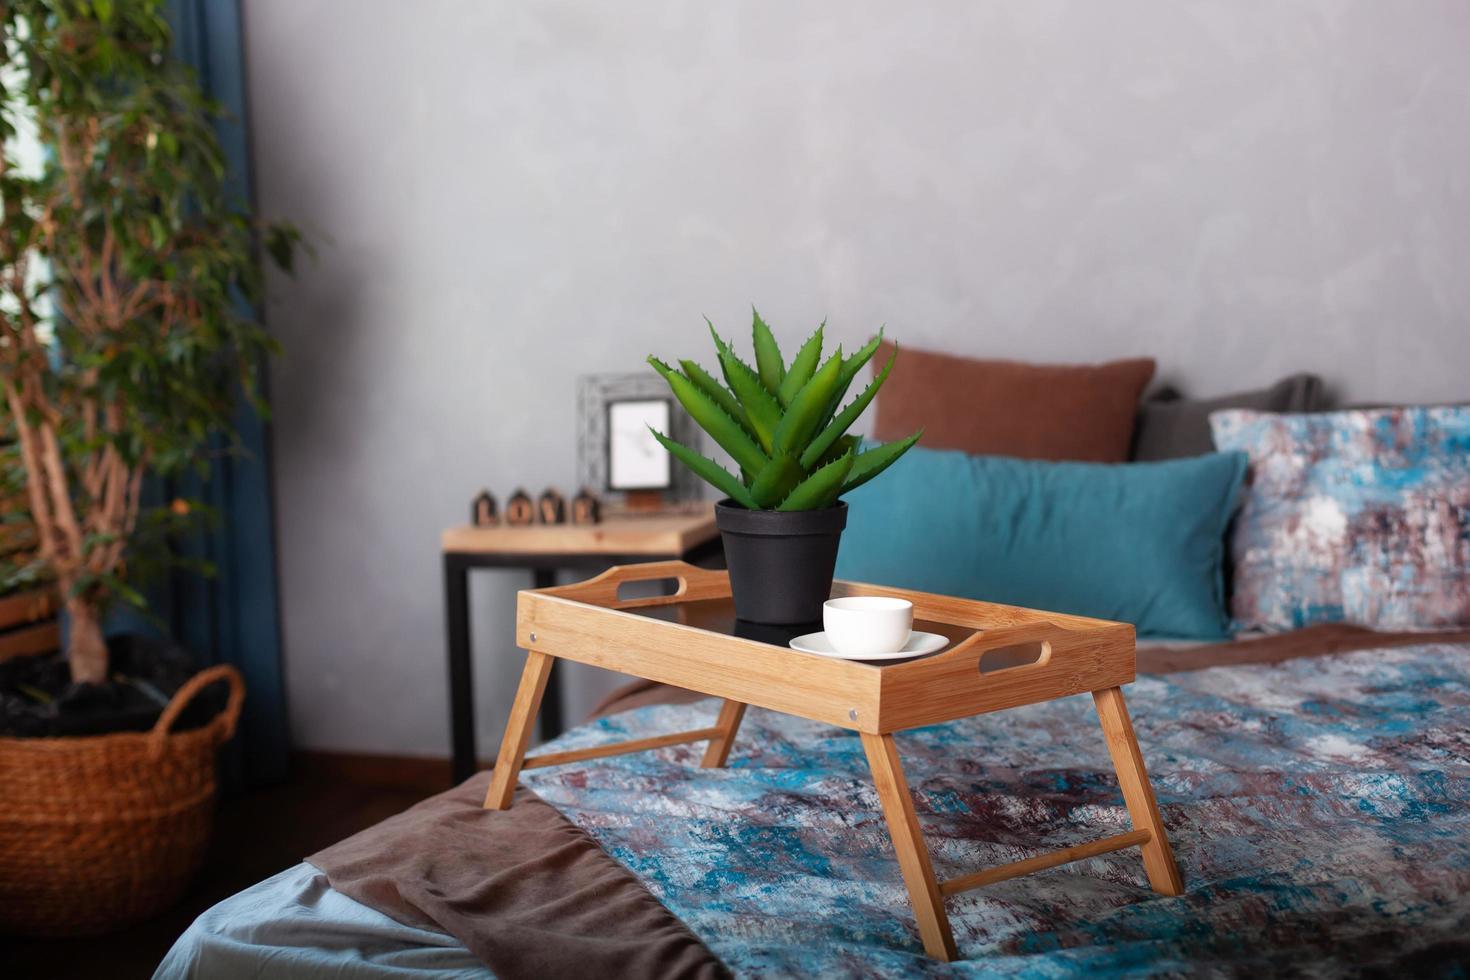 Schlafzimmer Interieur mit einem kleinen Tisch auf dem Bett foto